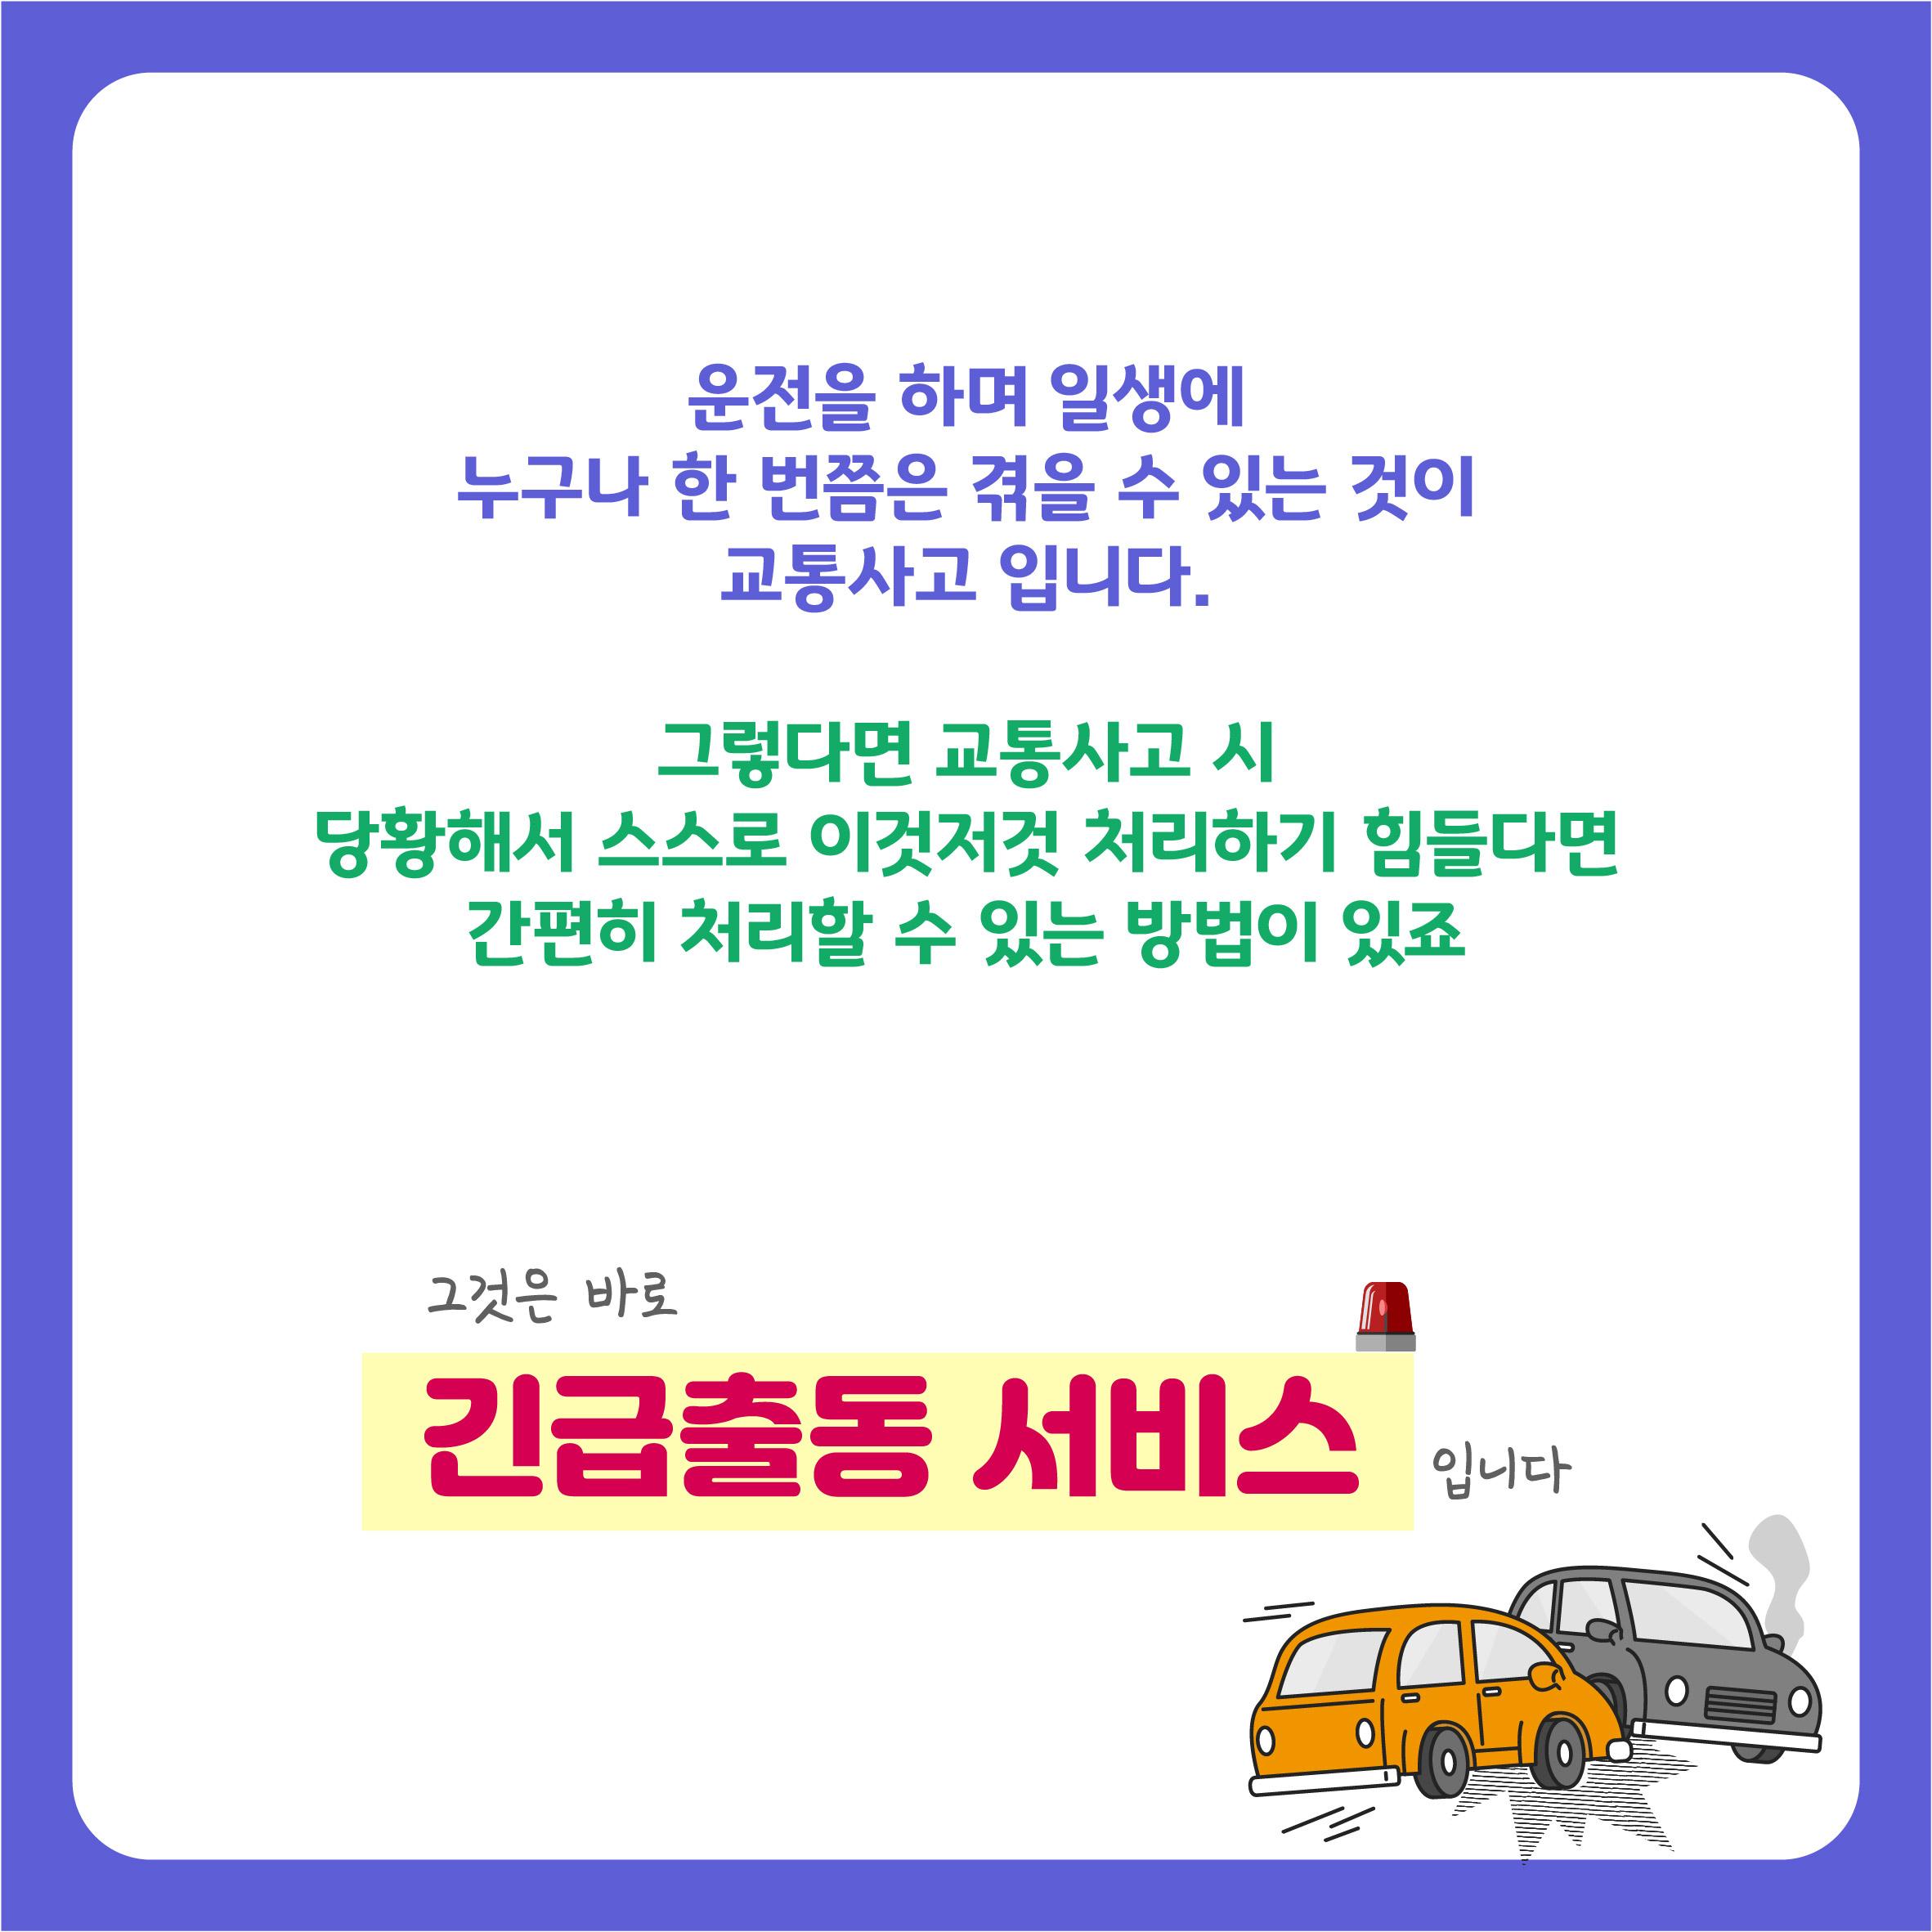 운전을 하며 일생에 누구나 한 번쯤은 겪을 수 있는 것이 교통사고 입니다.  그렇다면 교통사고 시  당황해서 스스로 이것저것 처리하기 힘들다면 간편히 처리할 수 있는 방법이 있죠  그것은 바로 긴급출동 서비스입니다.